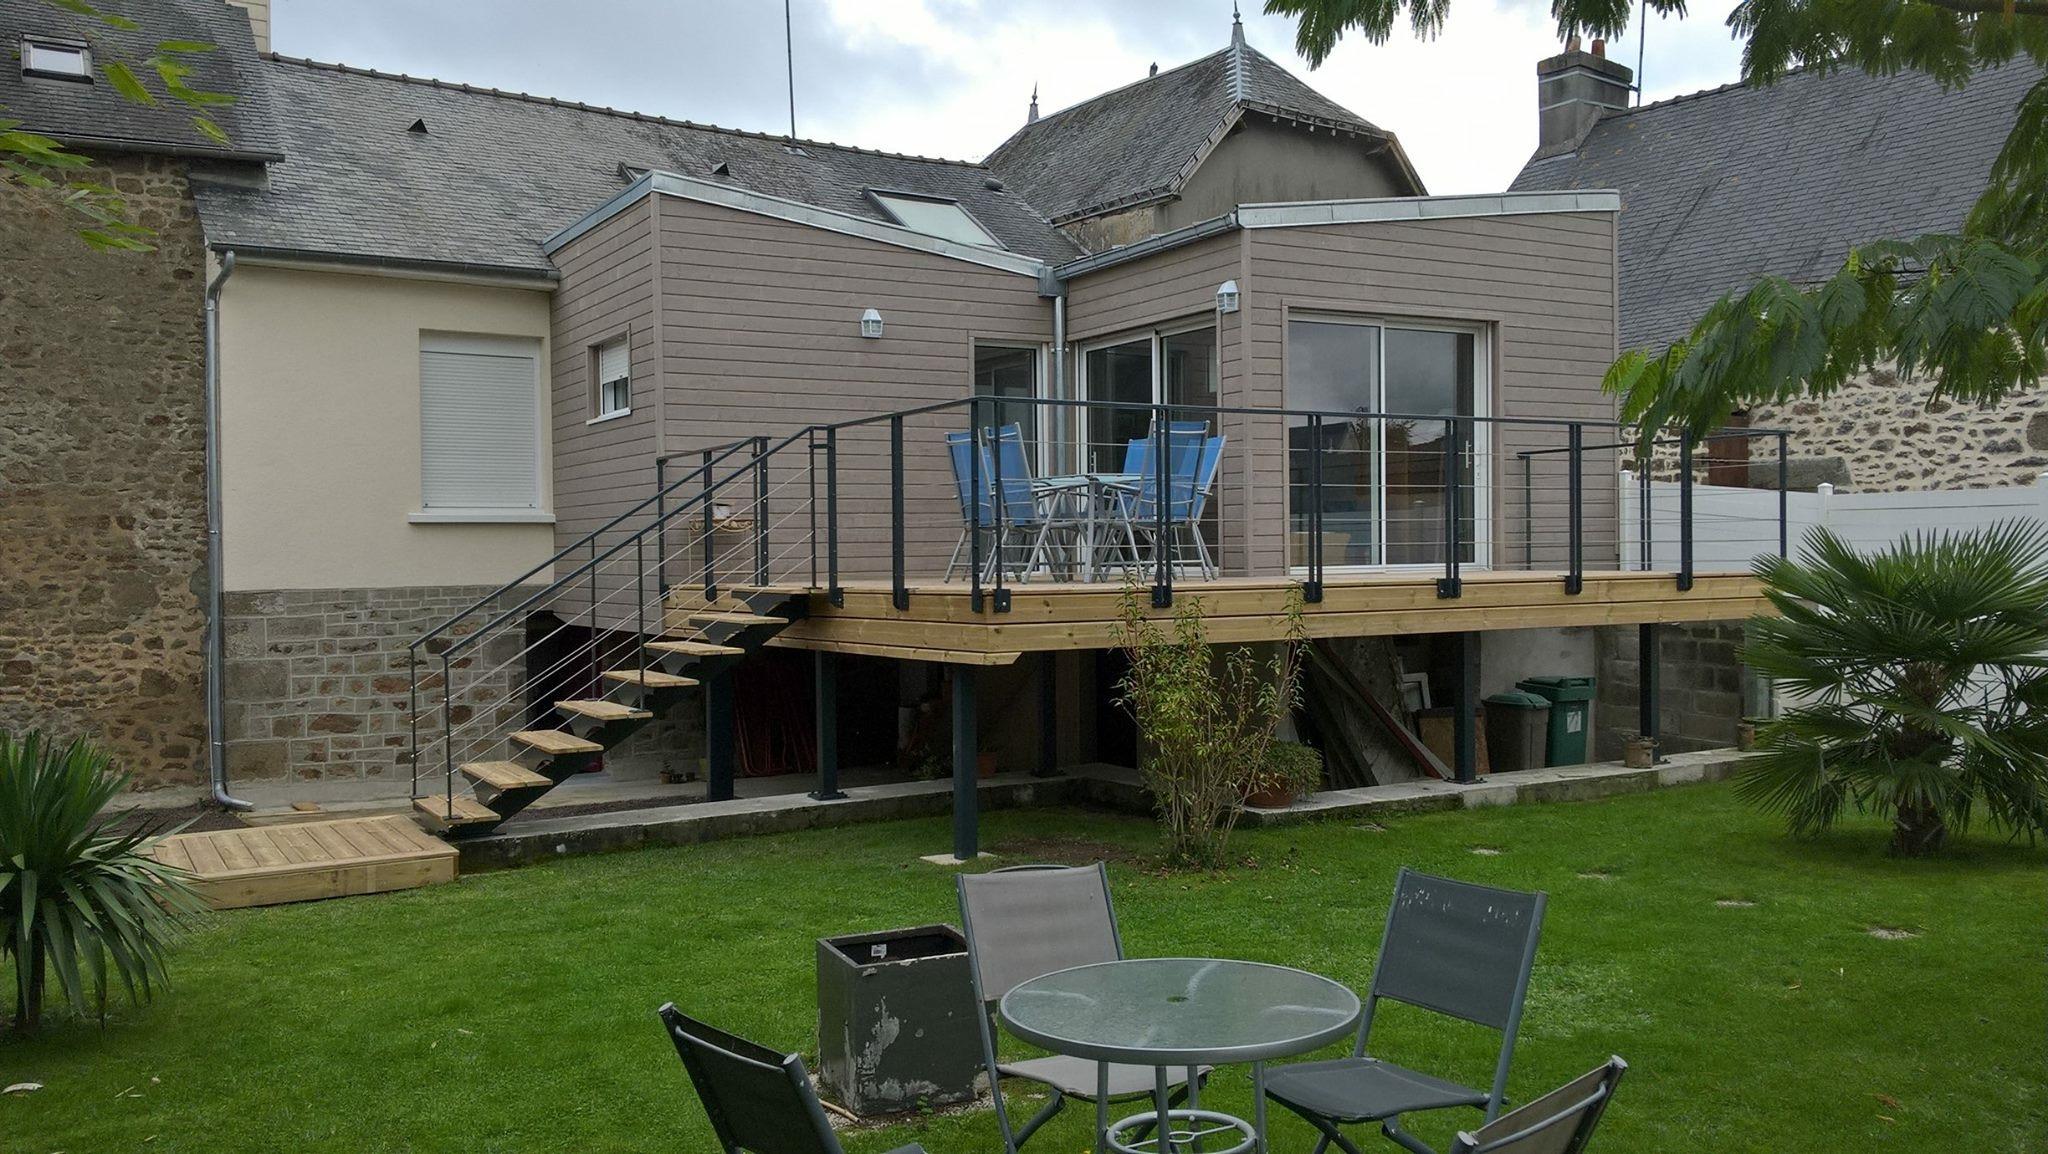 Extension g bois bureau de conception architecturale for Bureau de conception